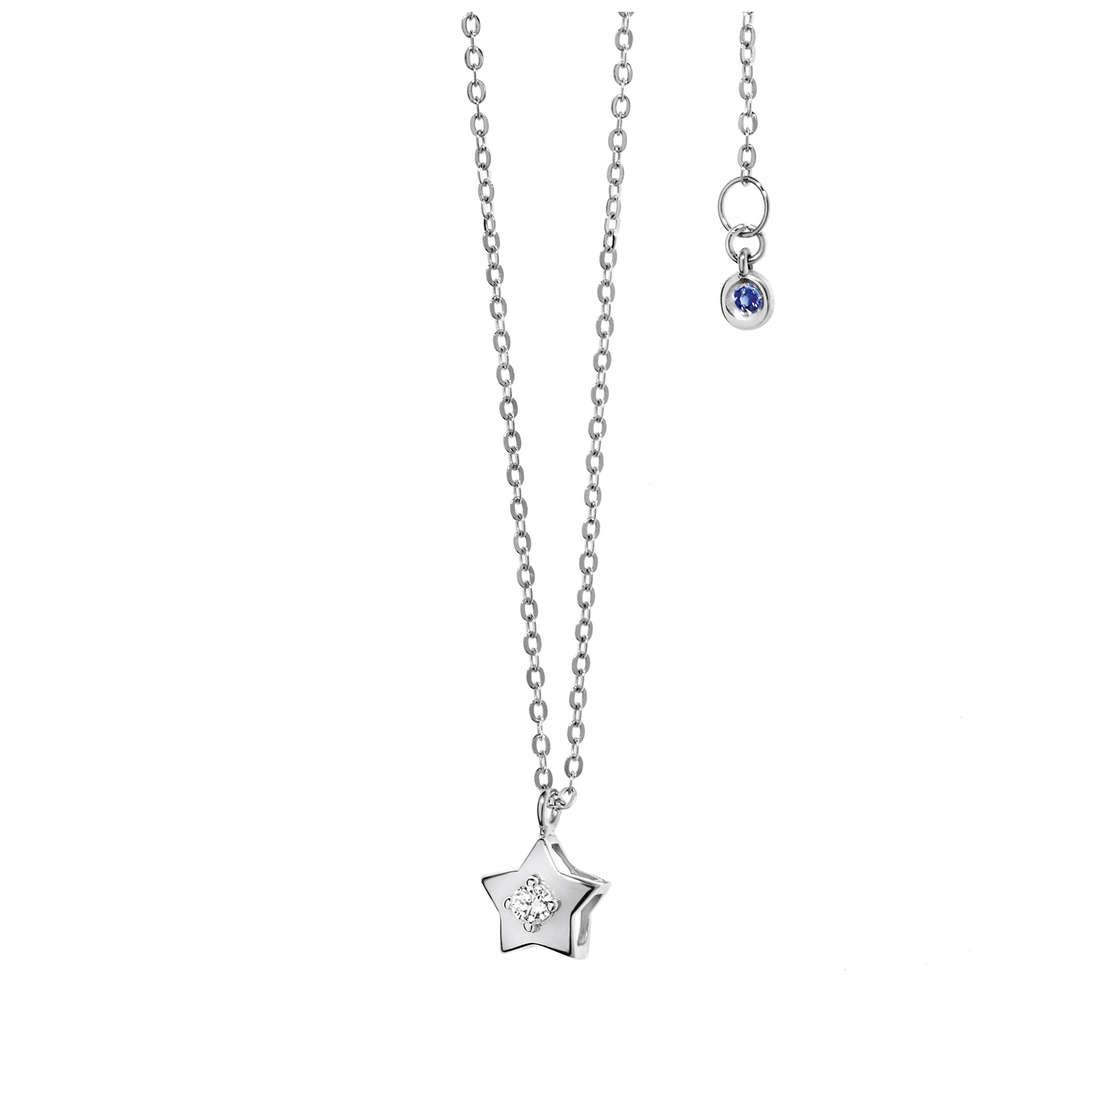 collana donna gioielli Comete Pietre preziose colorate GLB 888